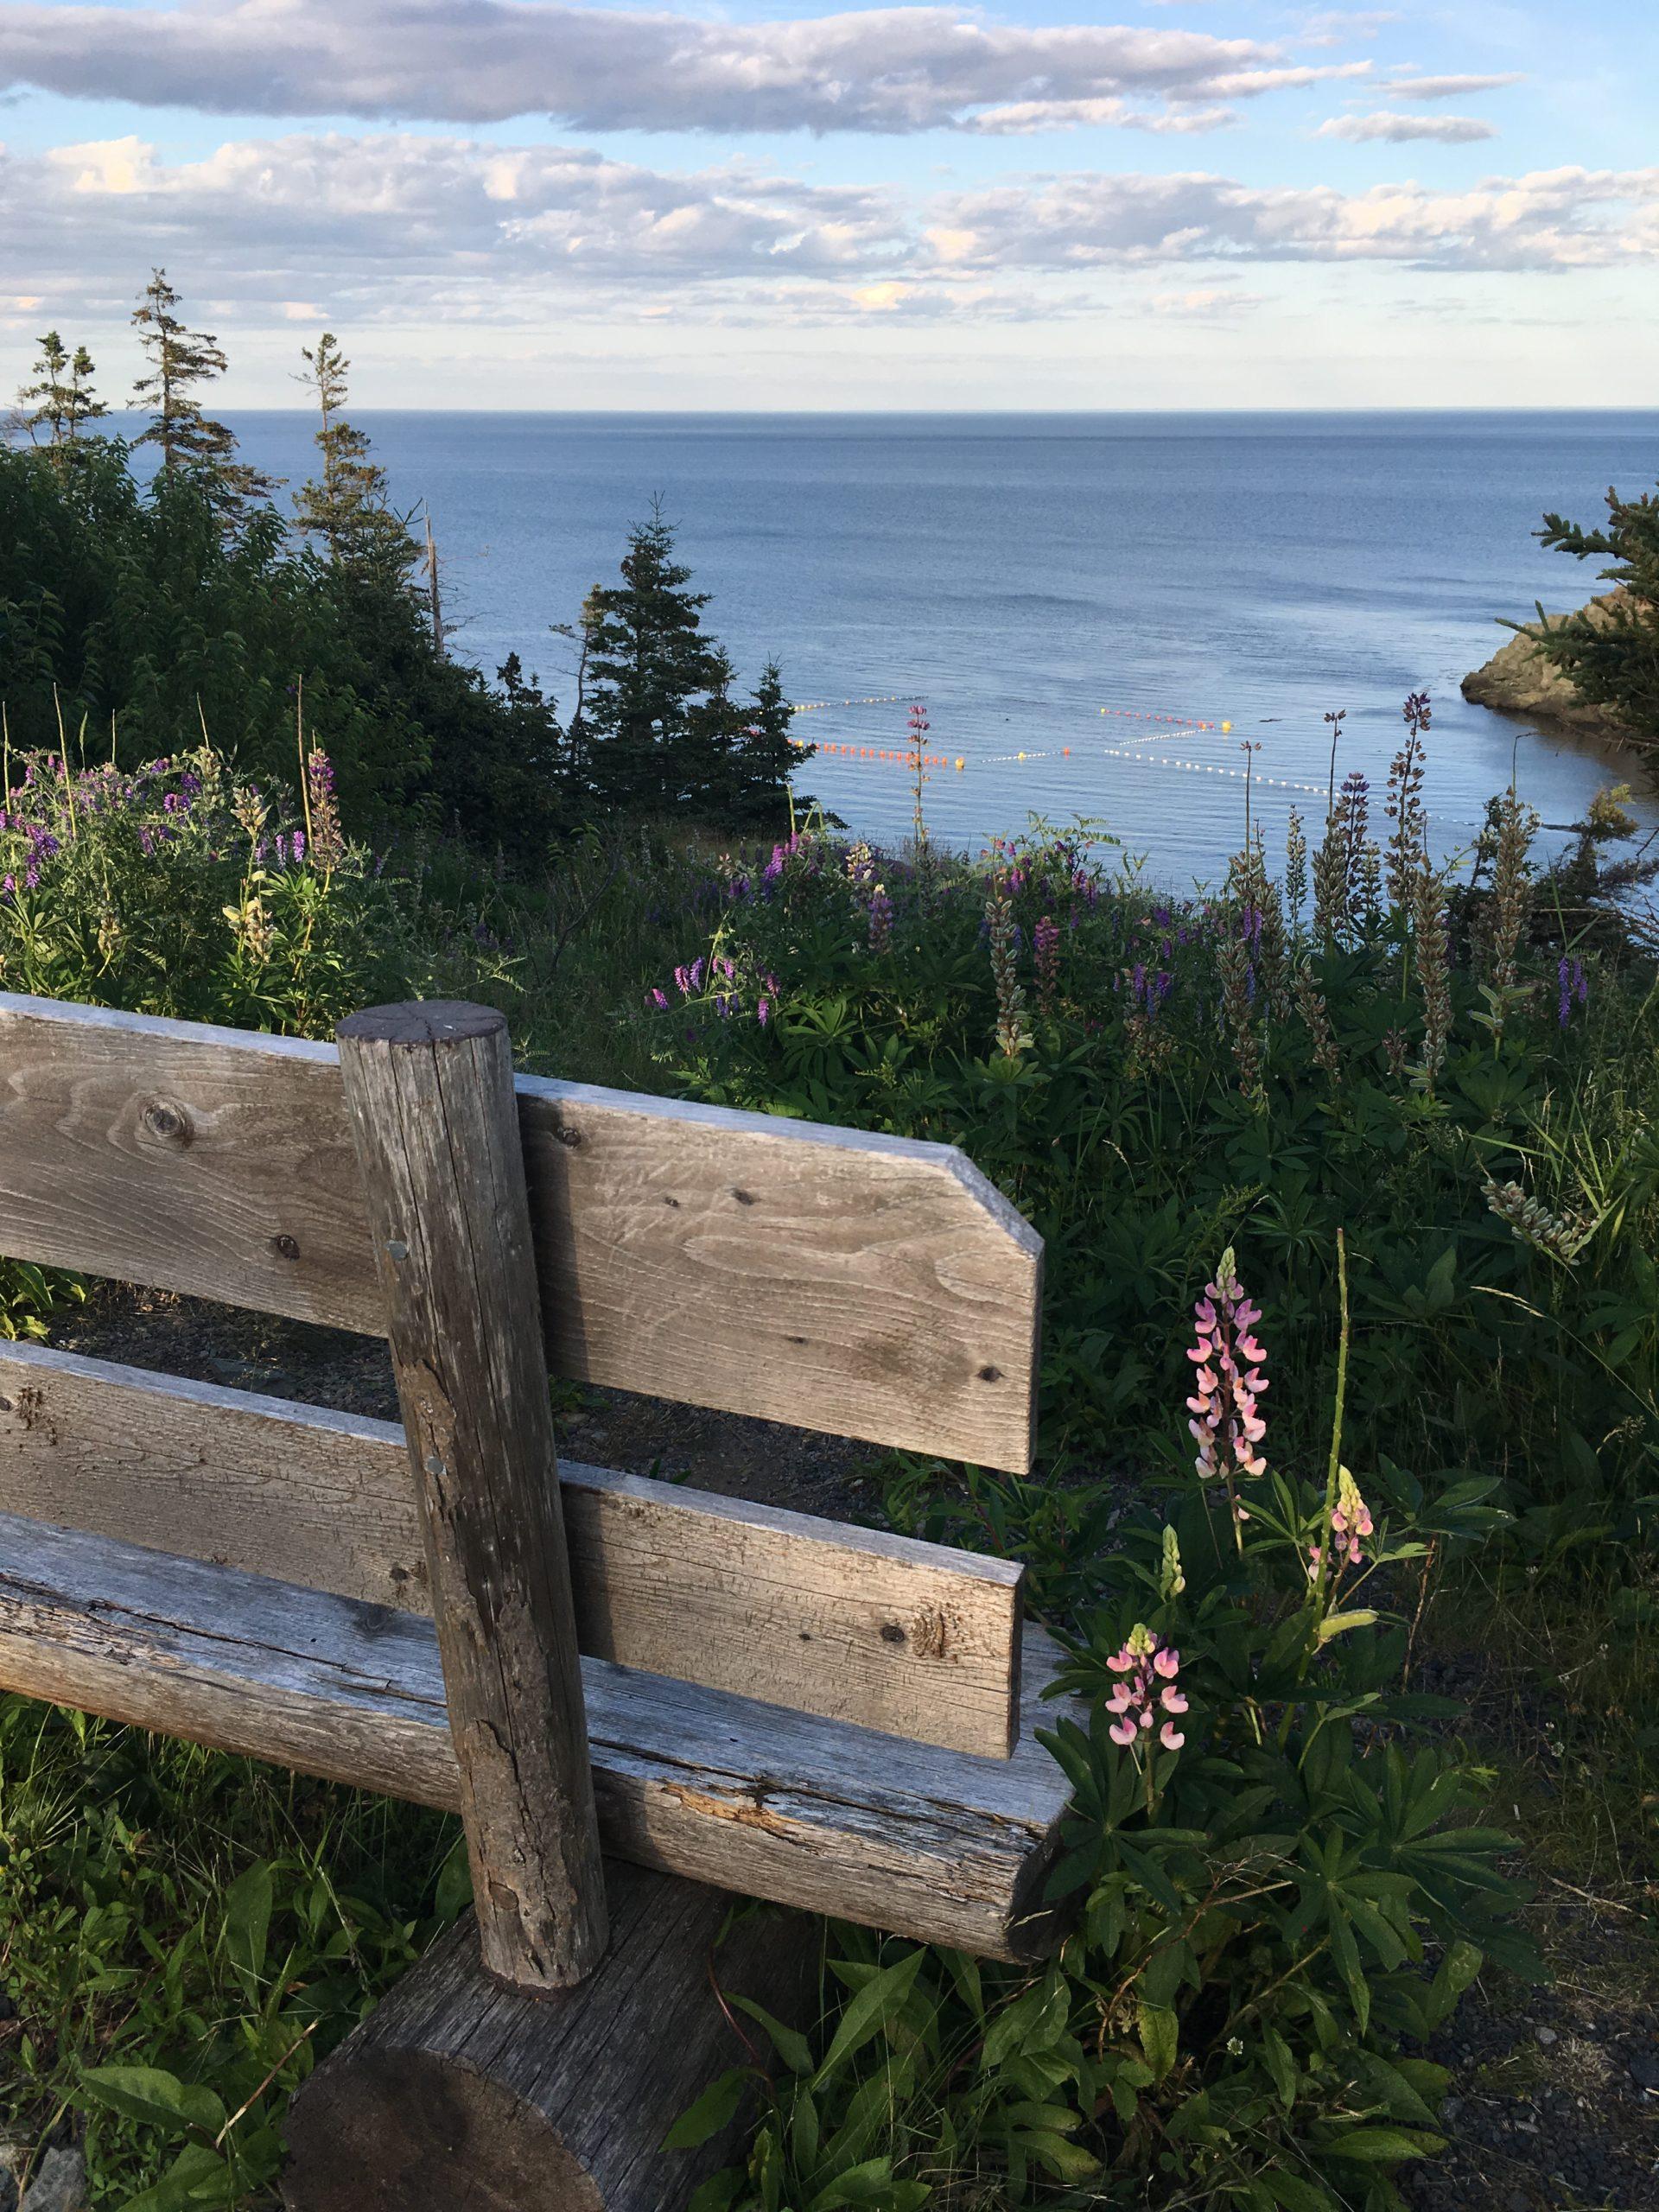 bench overlooking the ocean